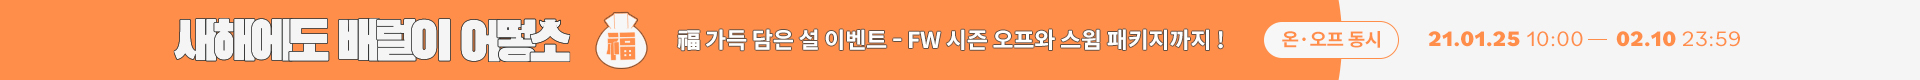 구정_프로모션